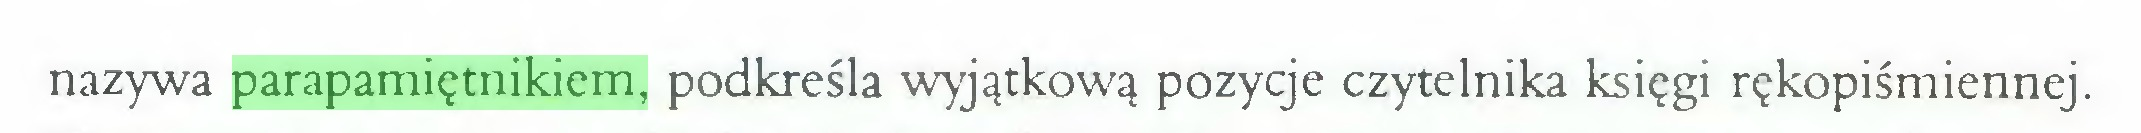 (...) nazywa parapamiętnikiem, podkreśla wyjątkową pozycje czytelnika księgi rękopiśmiennej...